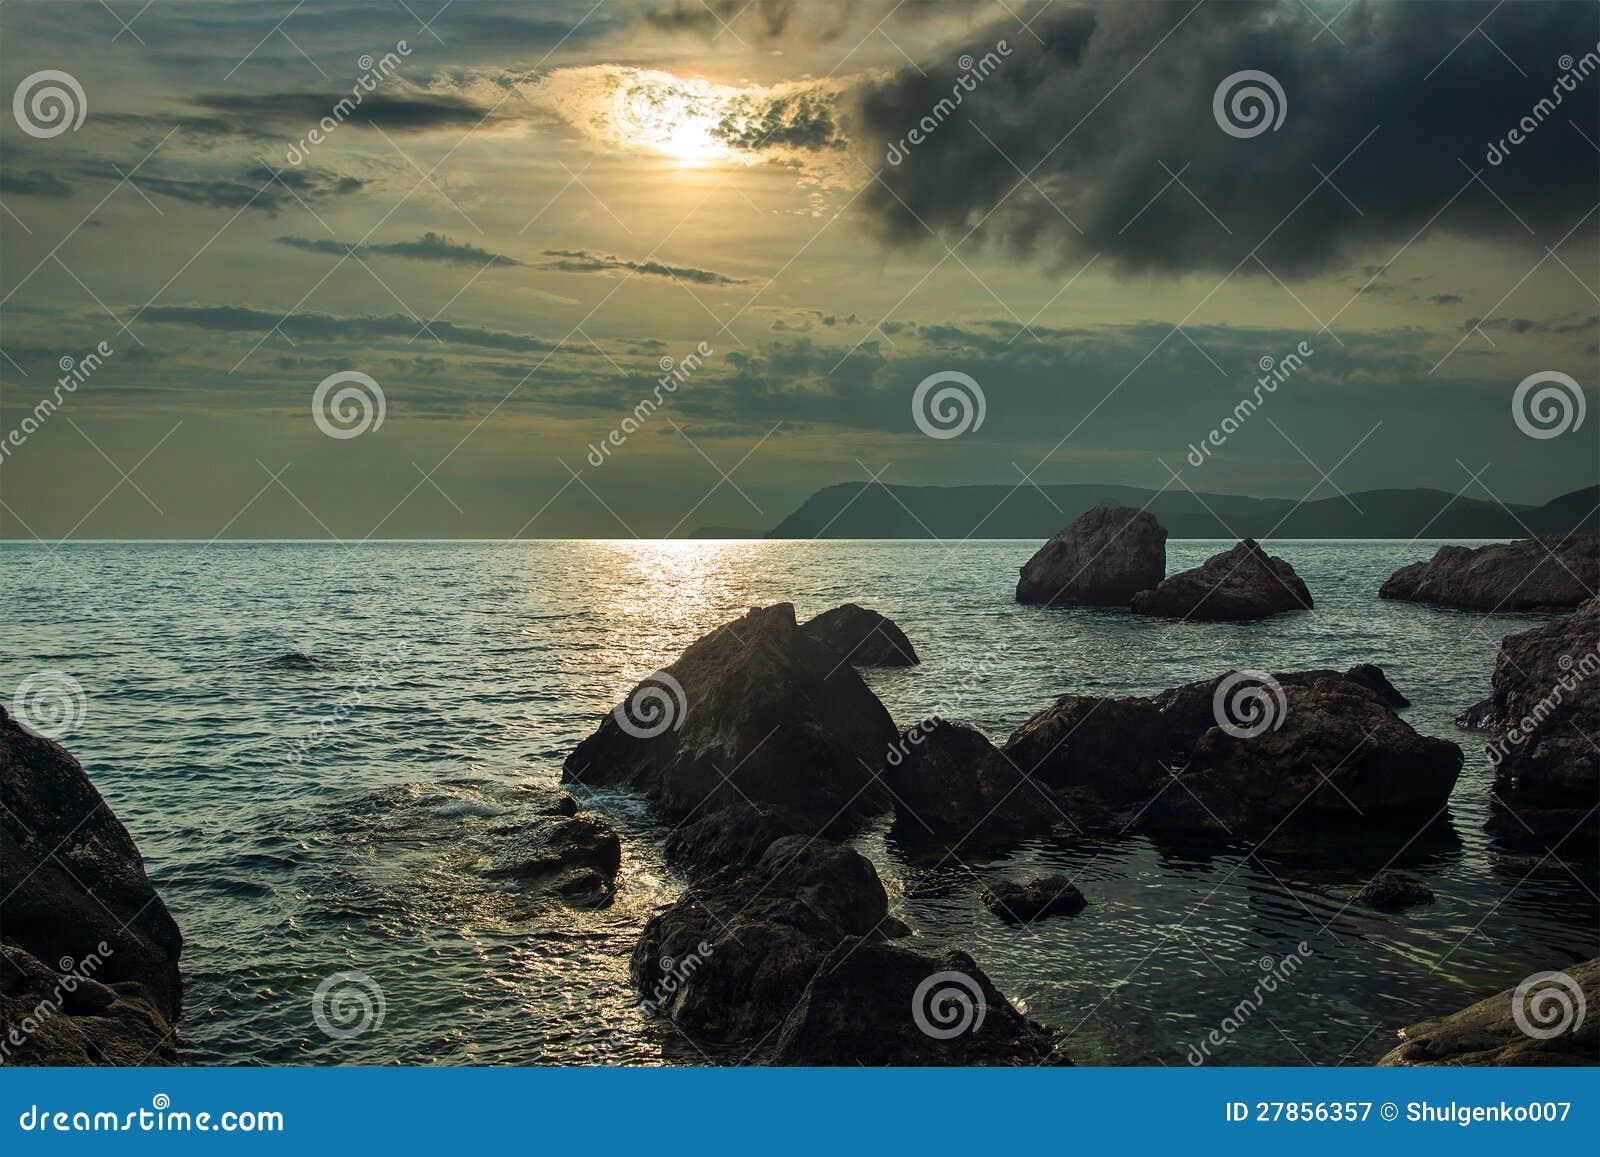 Ένα όμορφο ήρεμο ηλιοβασίλεμα, στη Μαύρη Θάλασσα